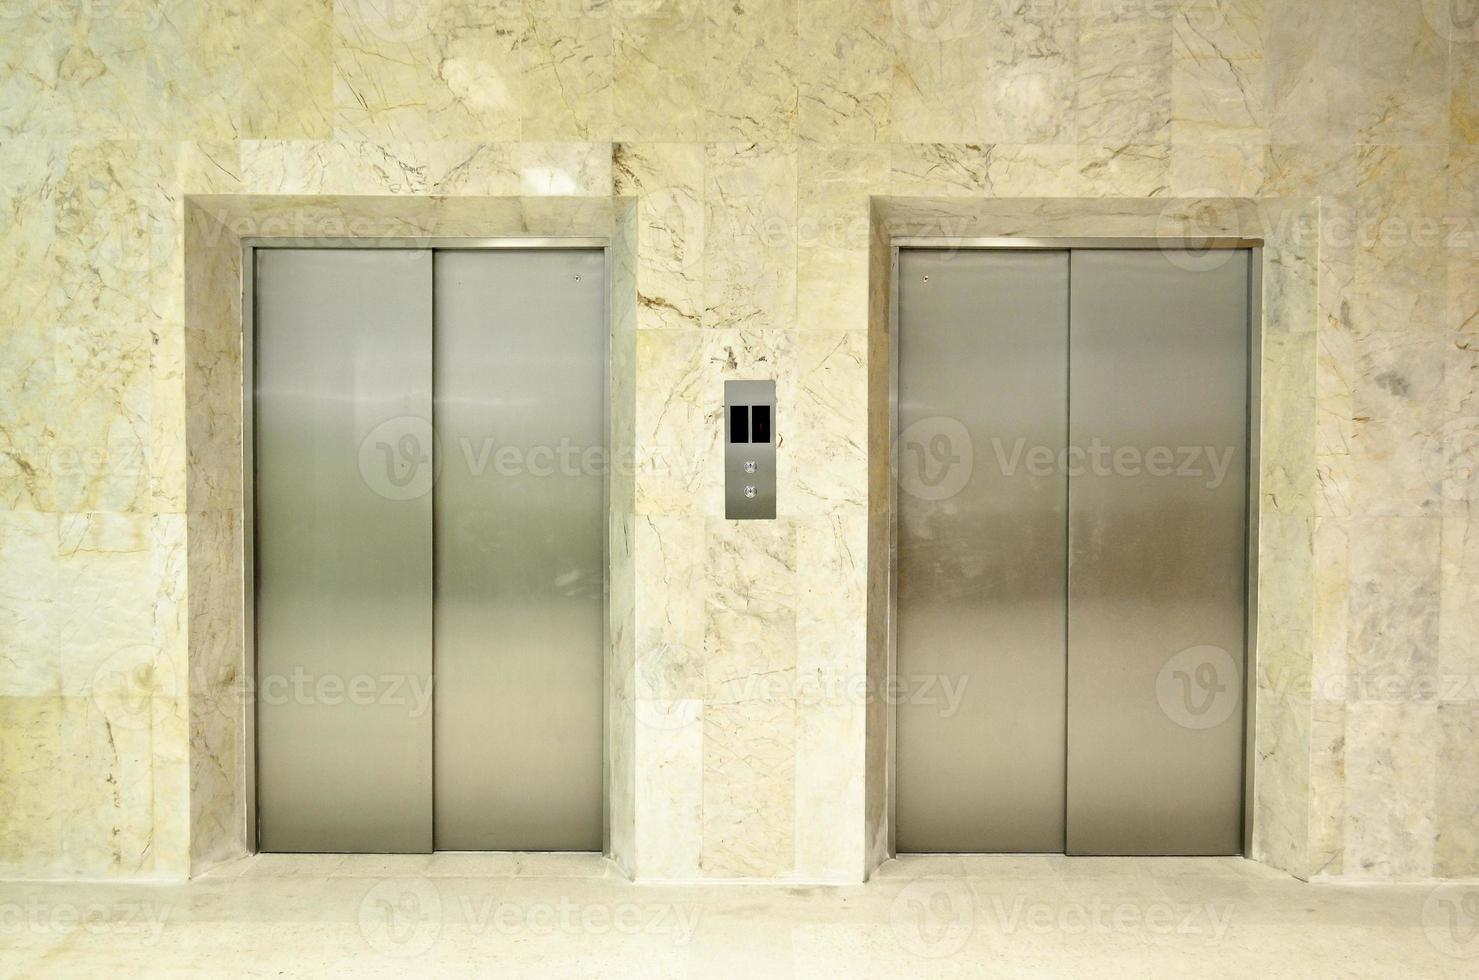 vue couloir d'un ascenseur fermé moderne photo